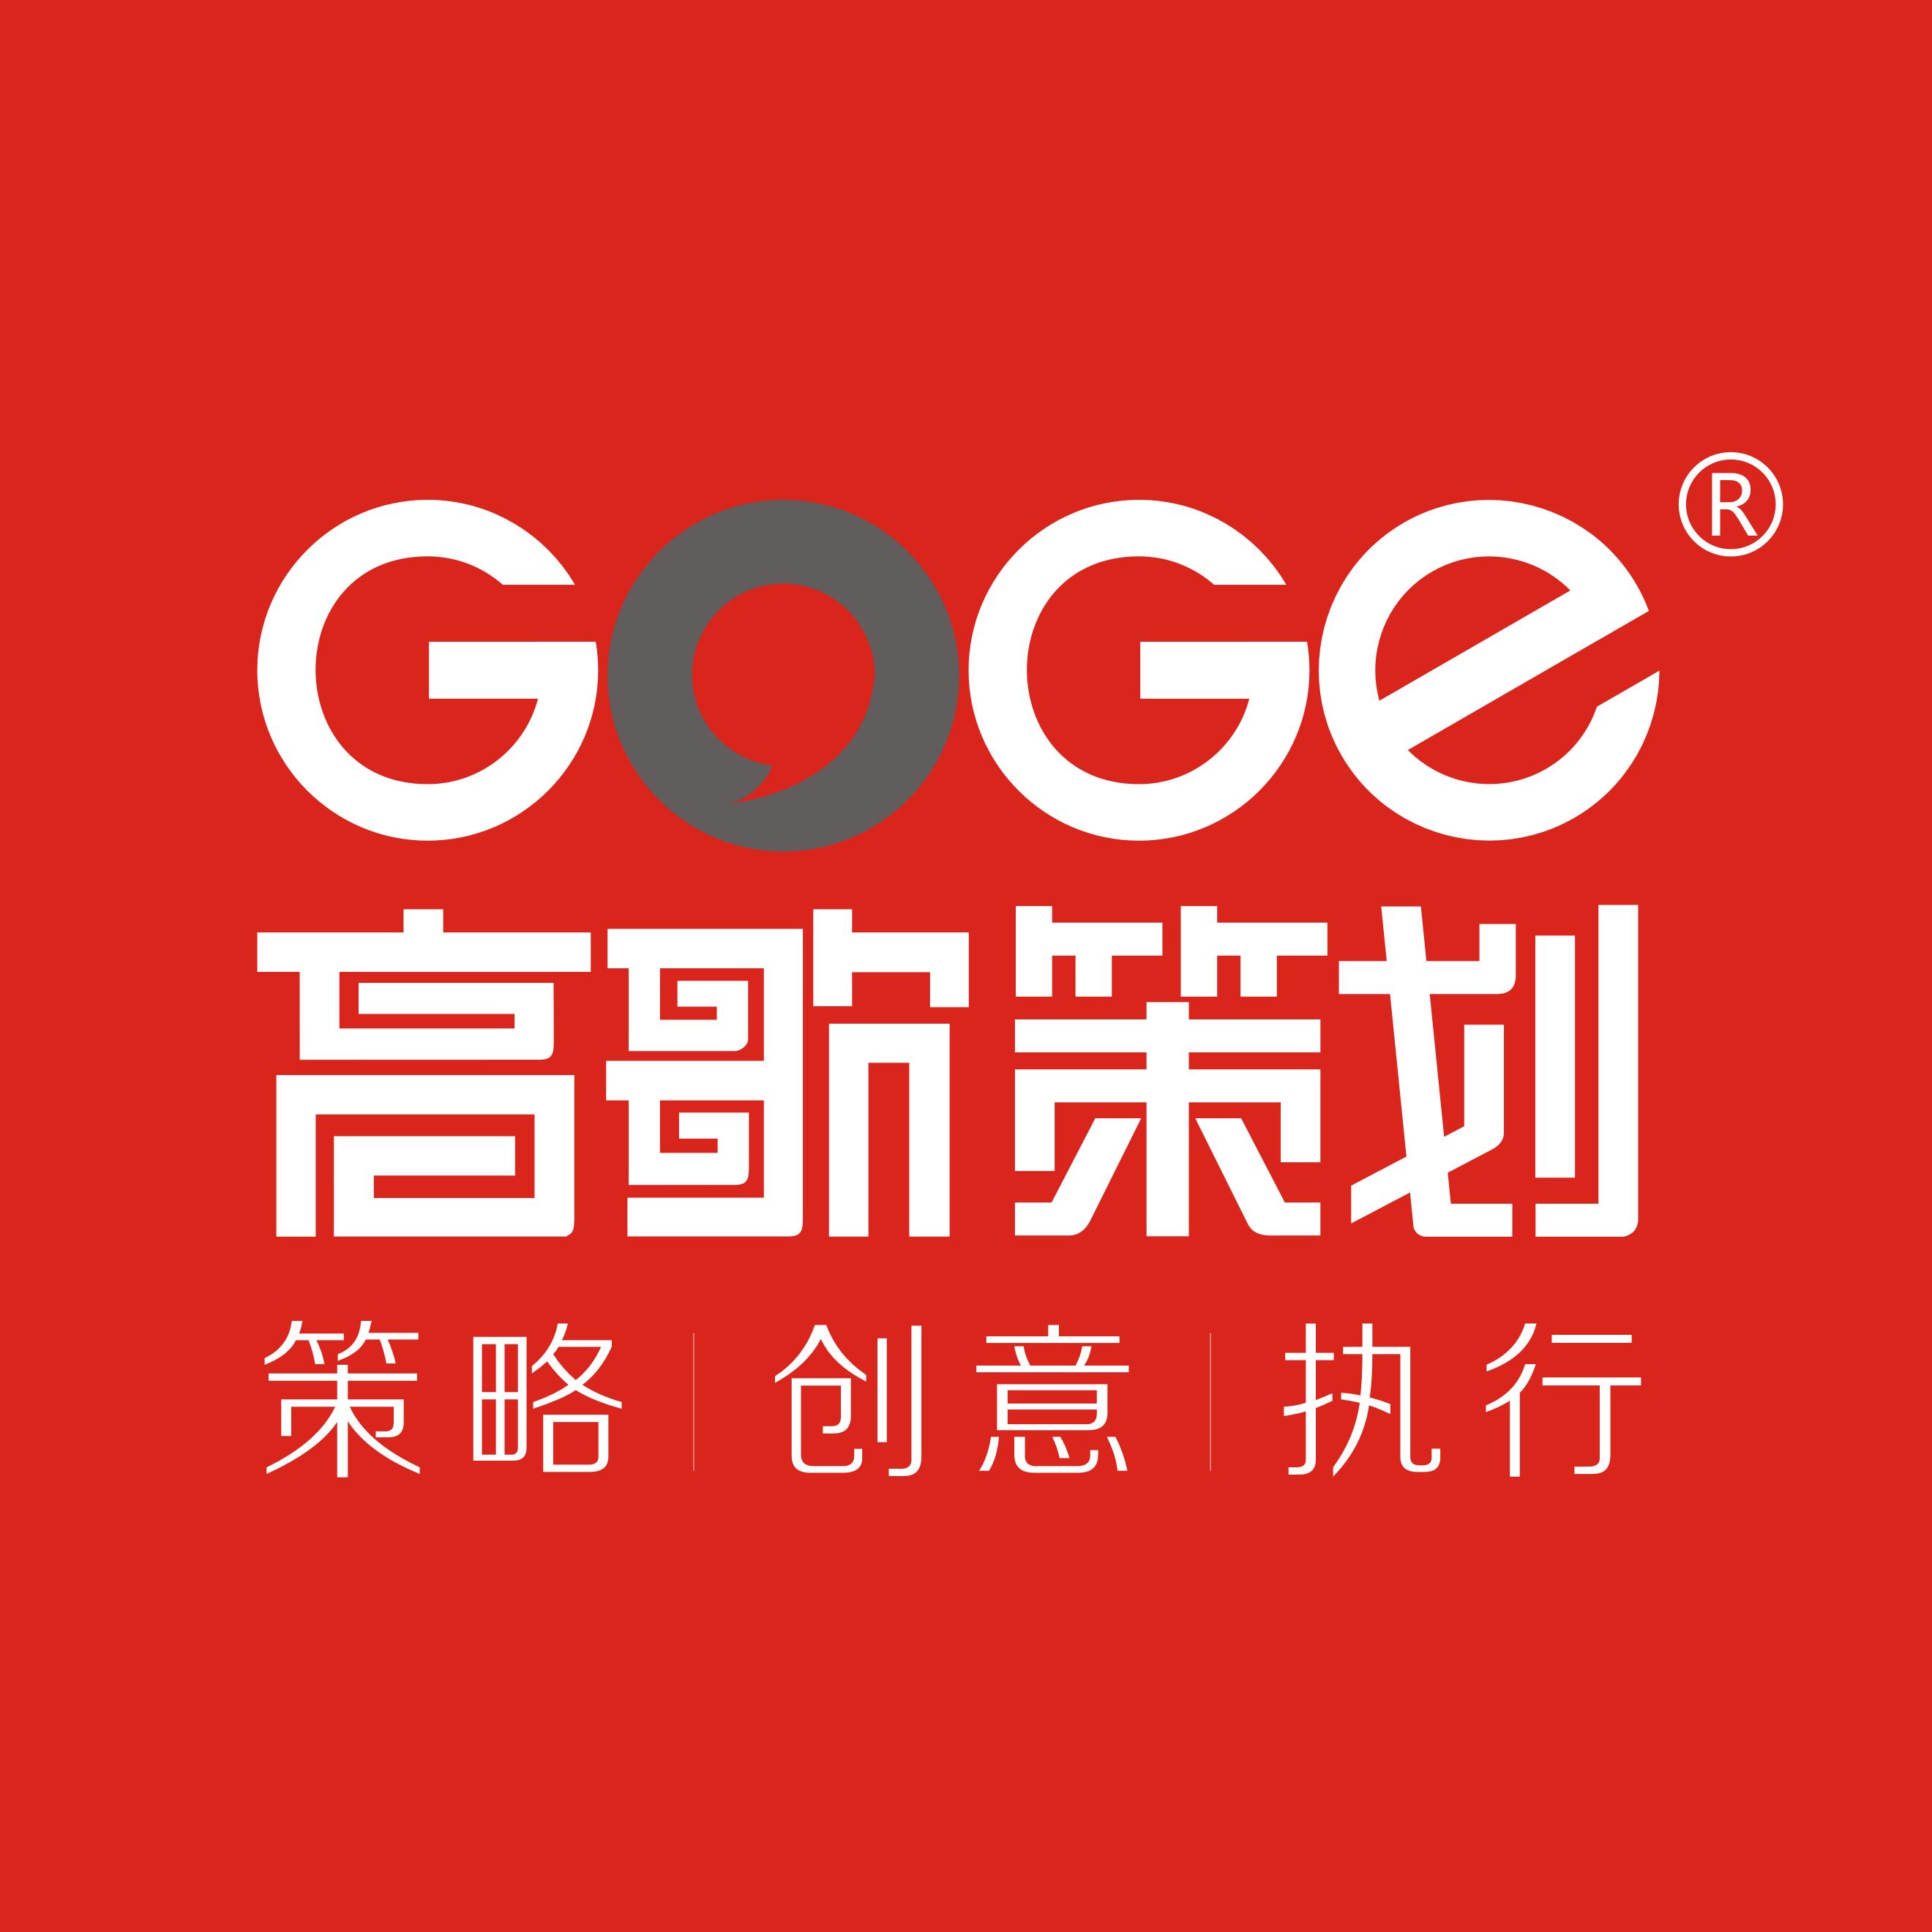 道logo设计